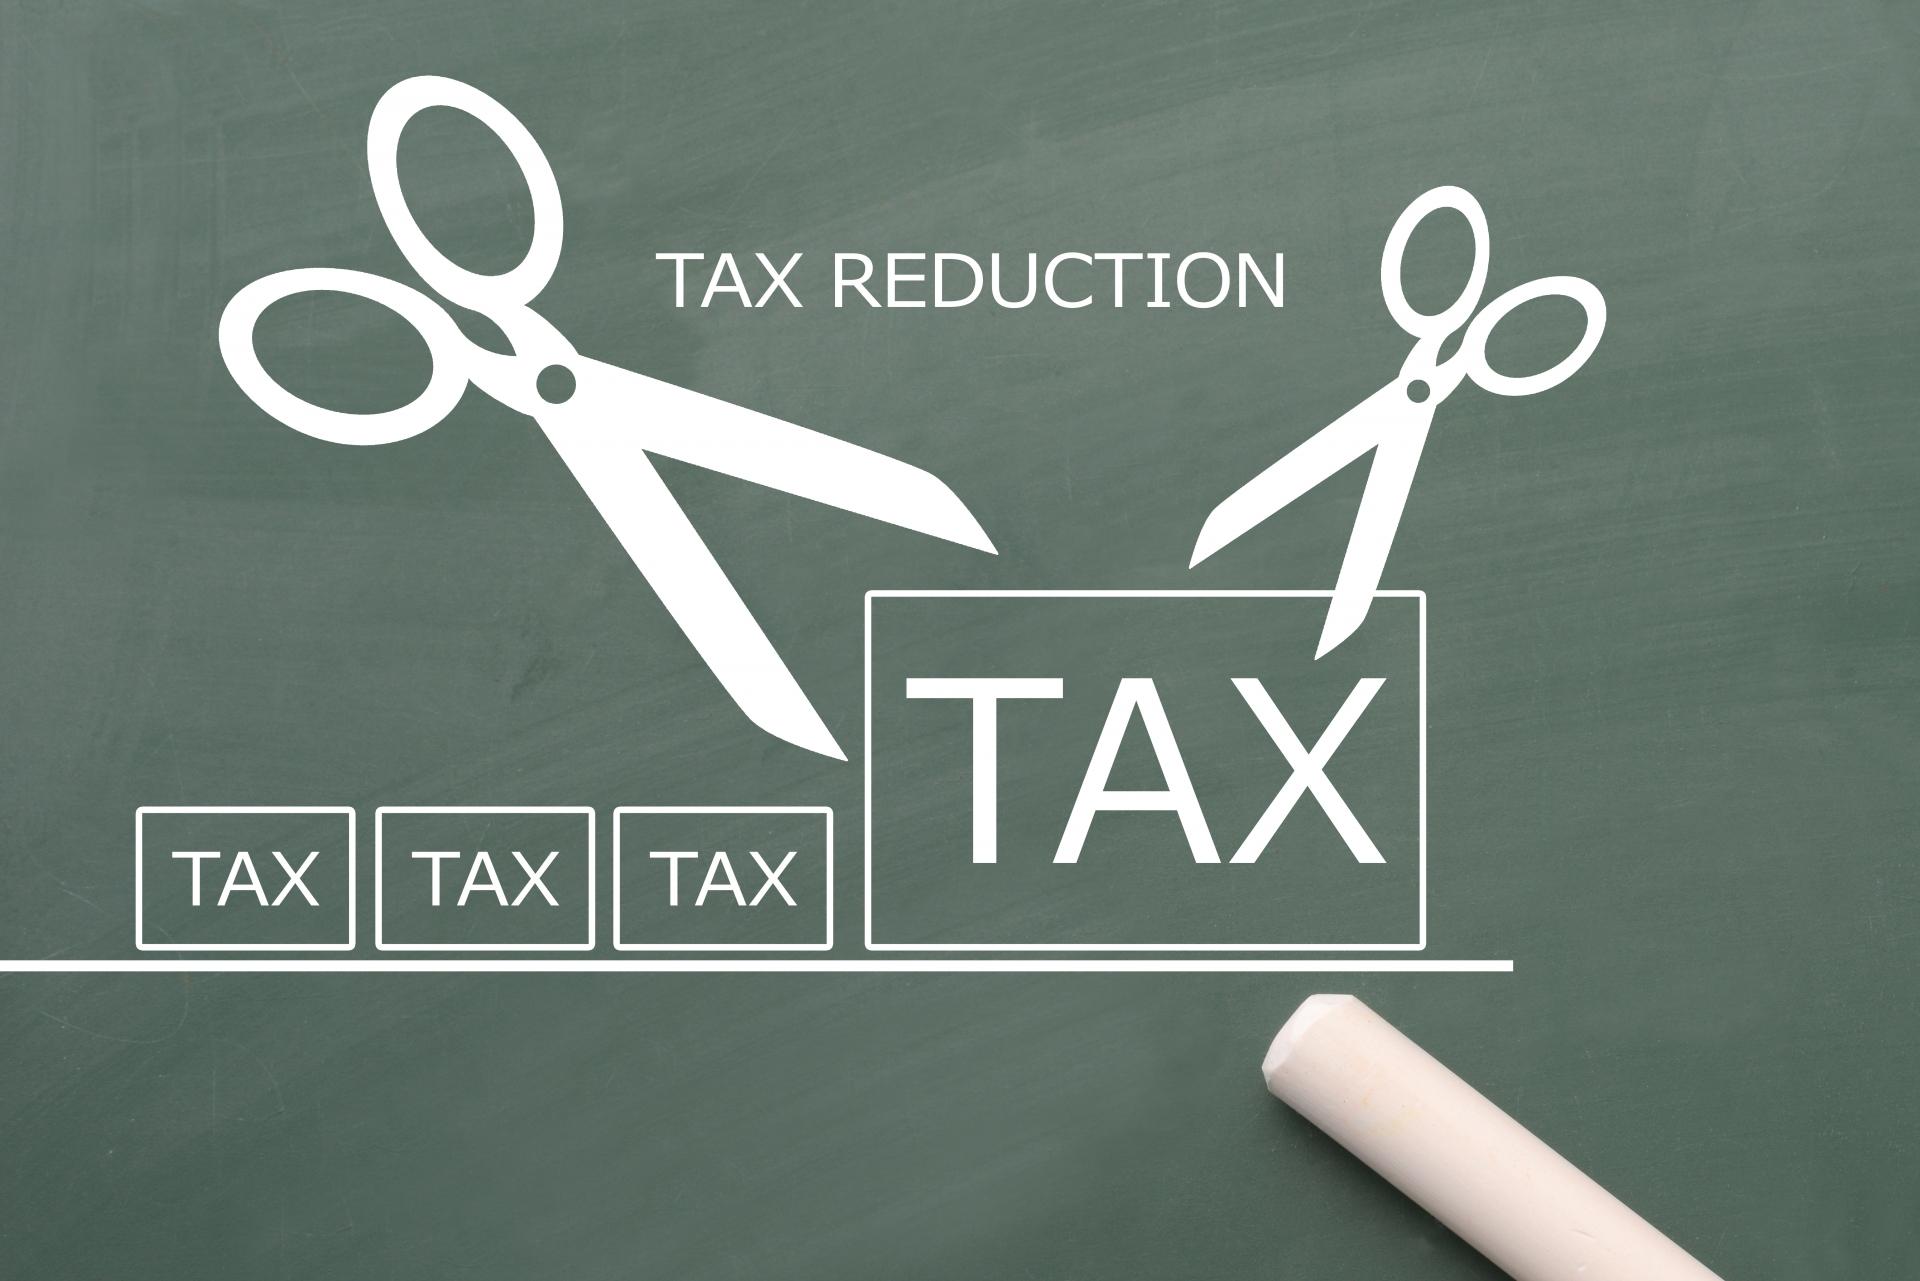 サラリーマンでは絶対に気づけない!節税を考えるときに重要な3つの視点